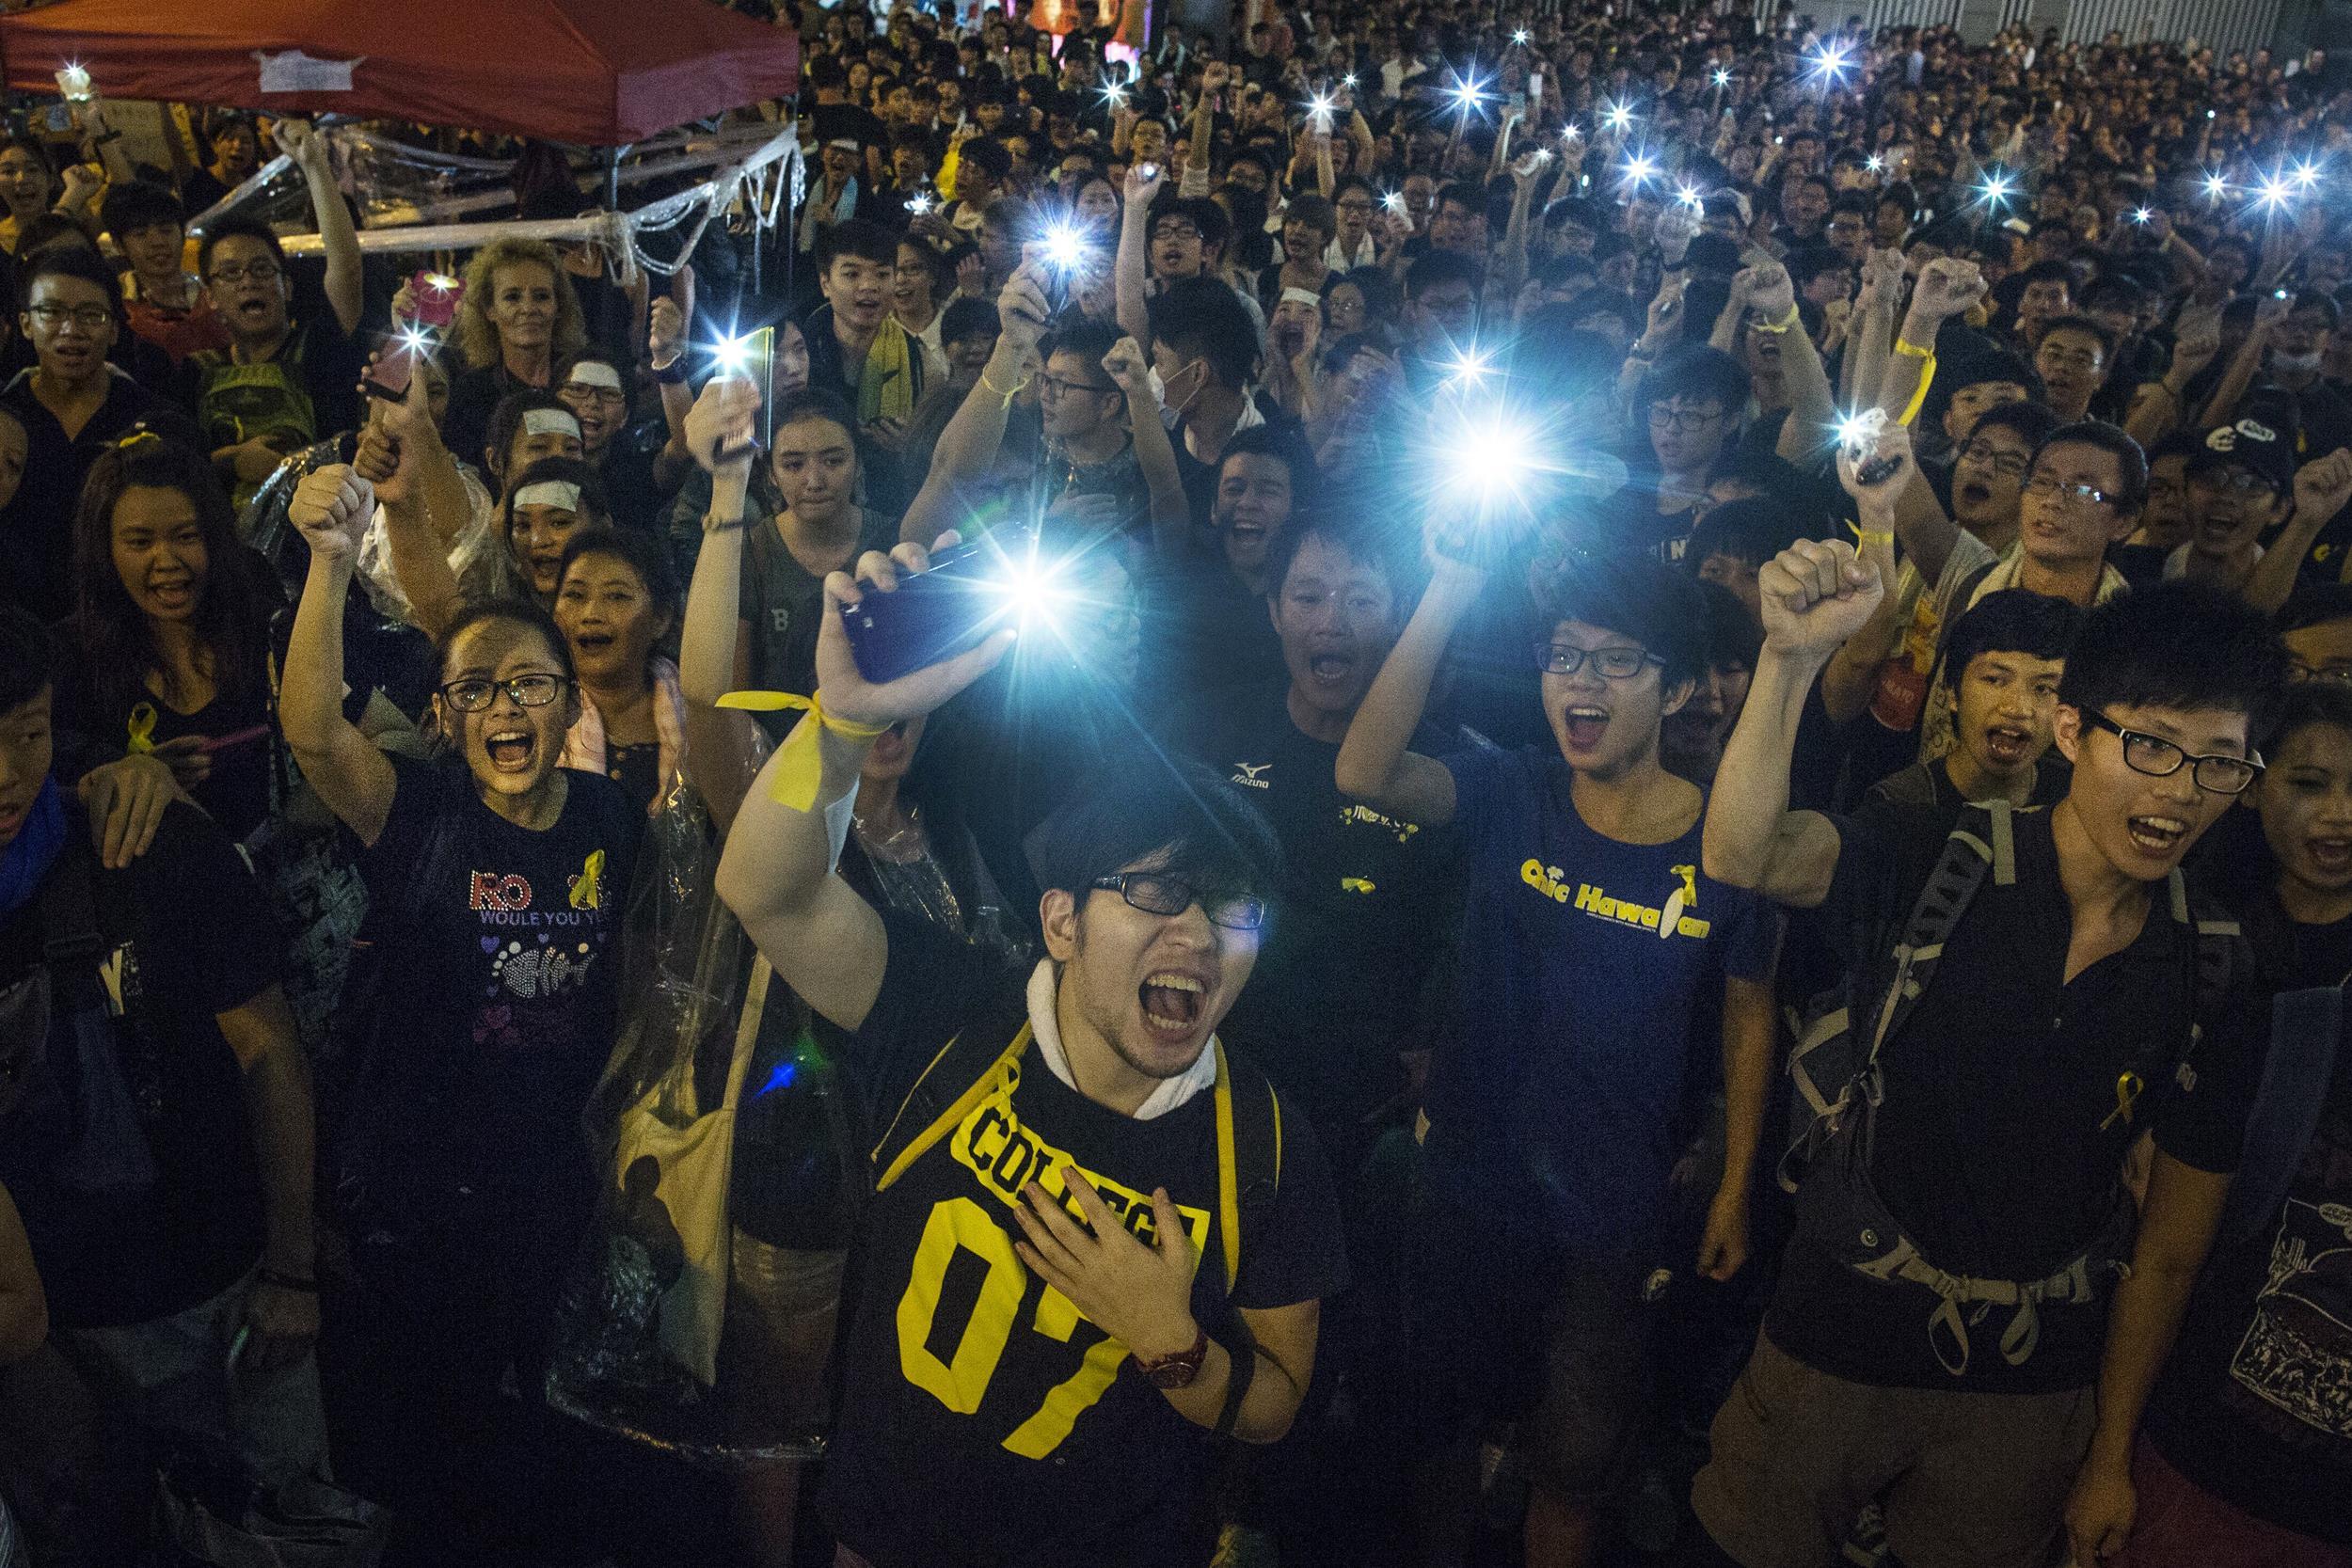 Hong Kong Protesters' Phones